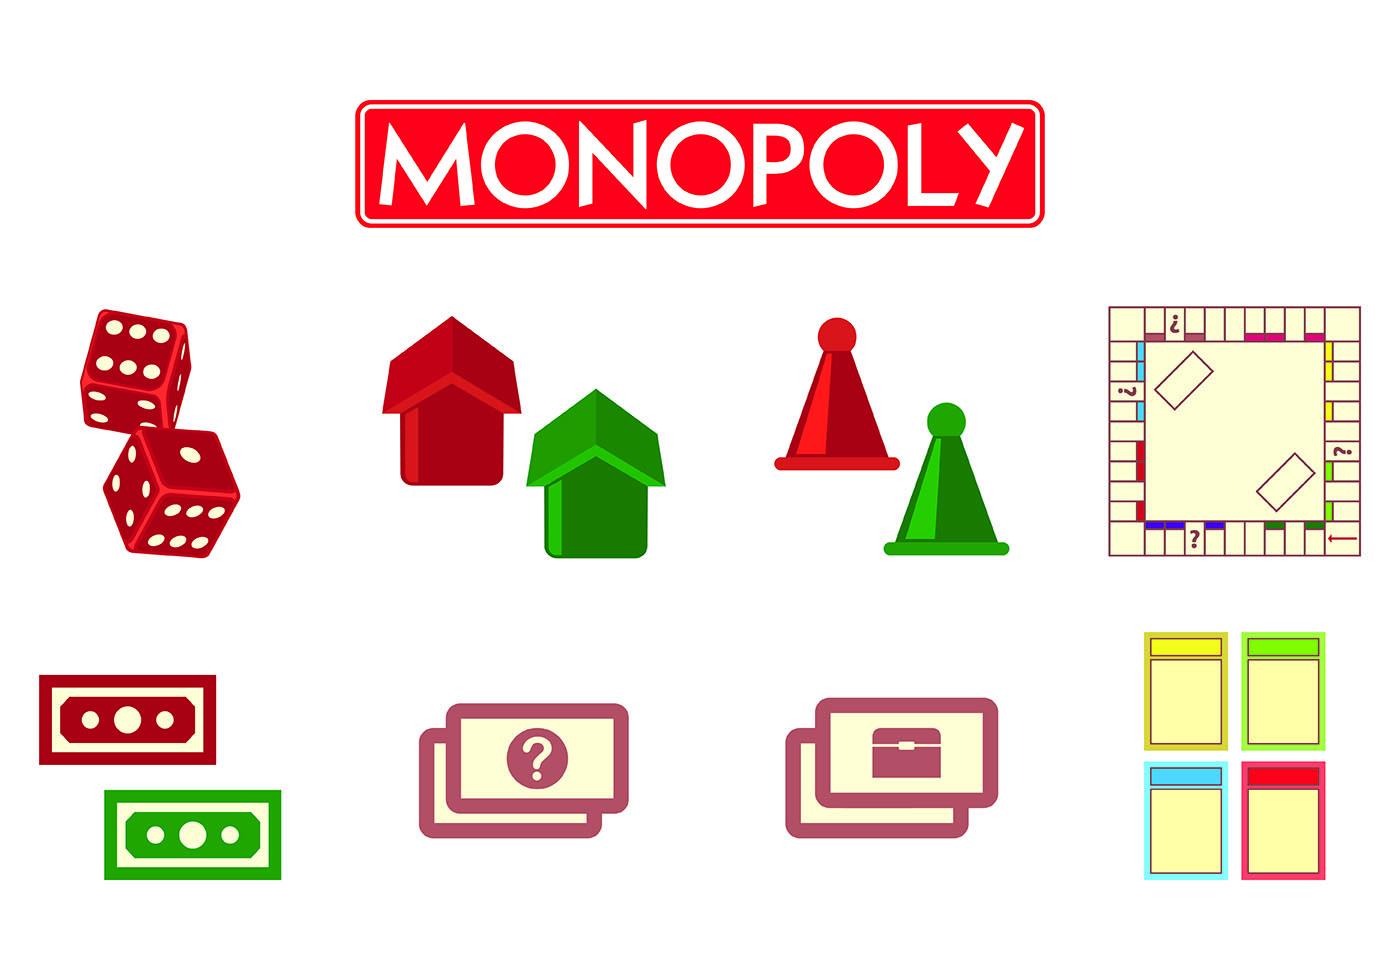 Monopoly Symbols